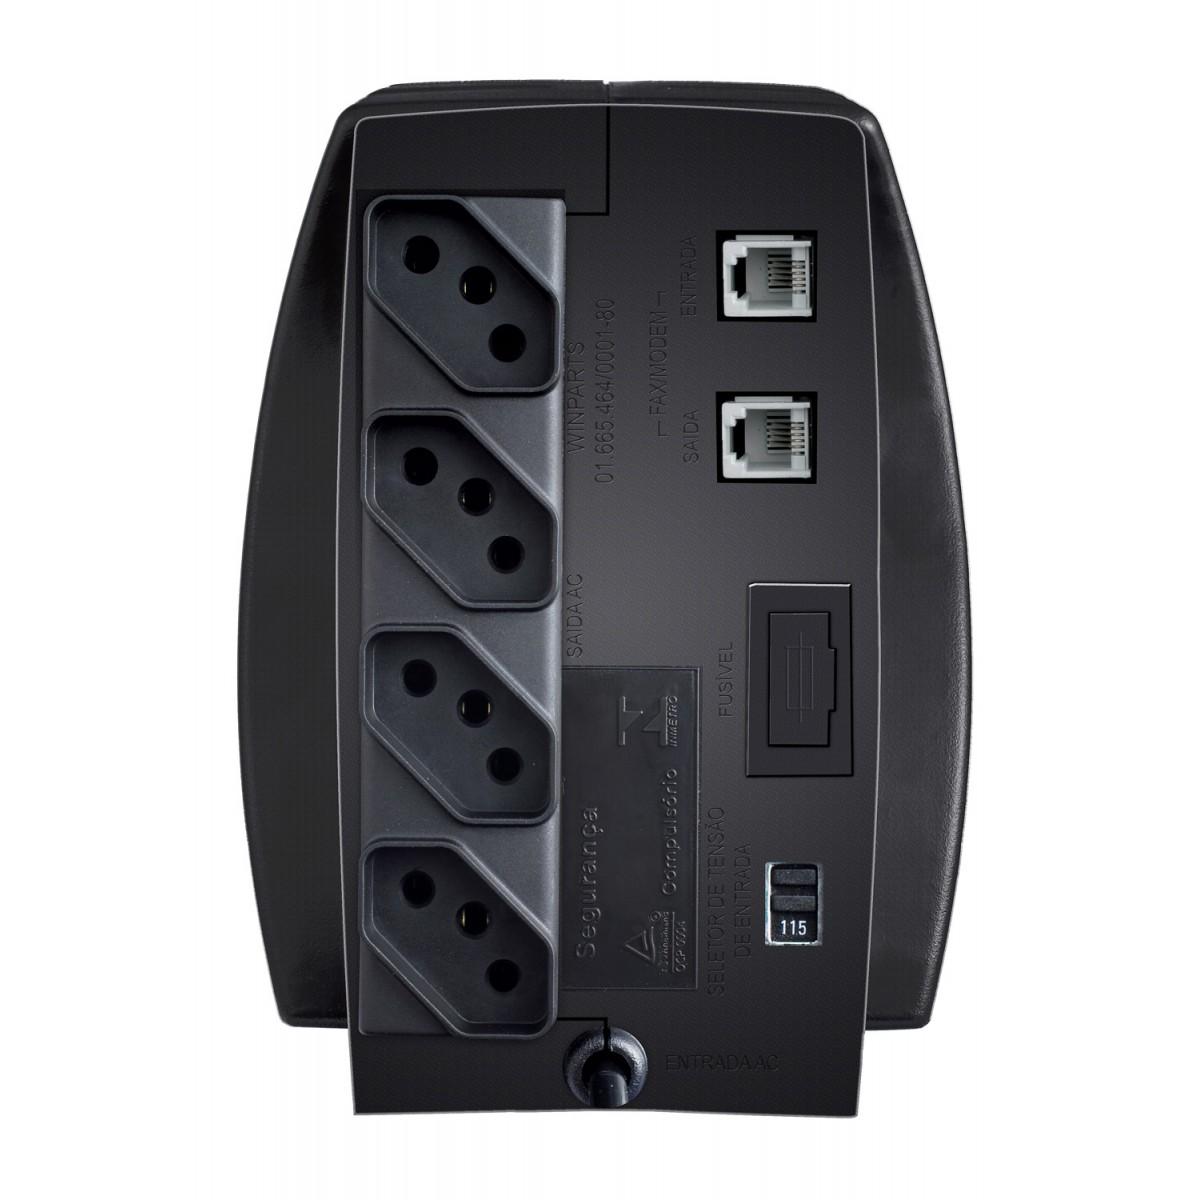 Estabilizador Exxa Power T 300va Enermax E/s 115v Preto